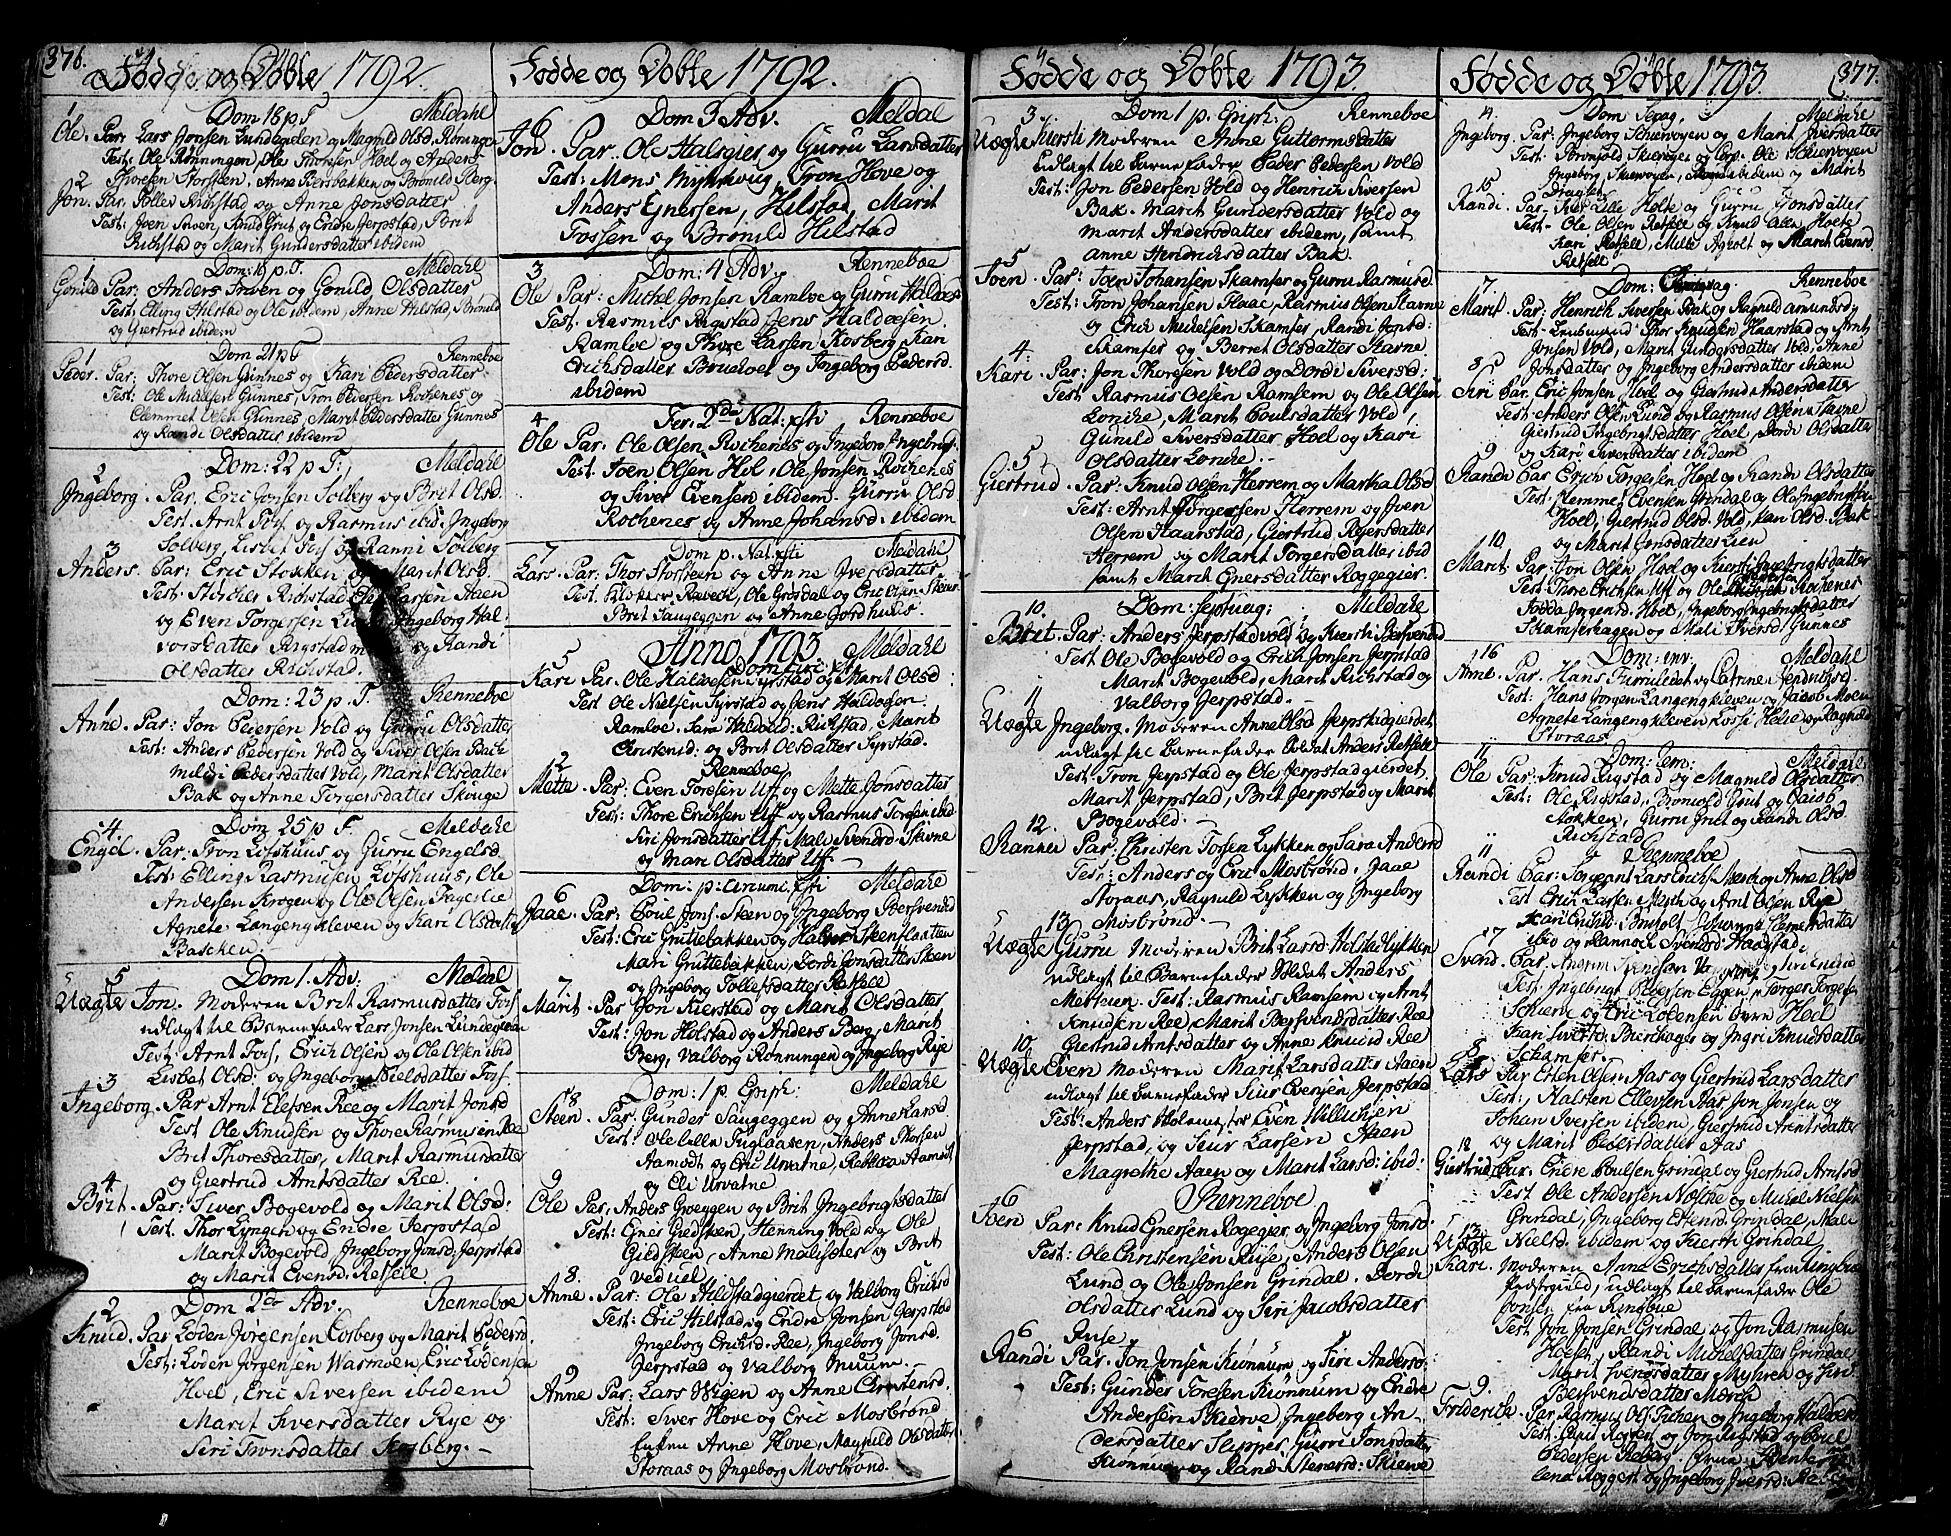 SAT, Ministerialprotokoller, klokkerbøker og fødselsregistre - Sør-Trøndelag, 672/L0852: Ministerialbok nr. 672A05, 1776-1815, s. 376-377